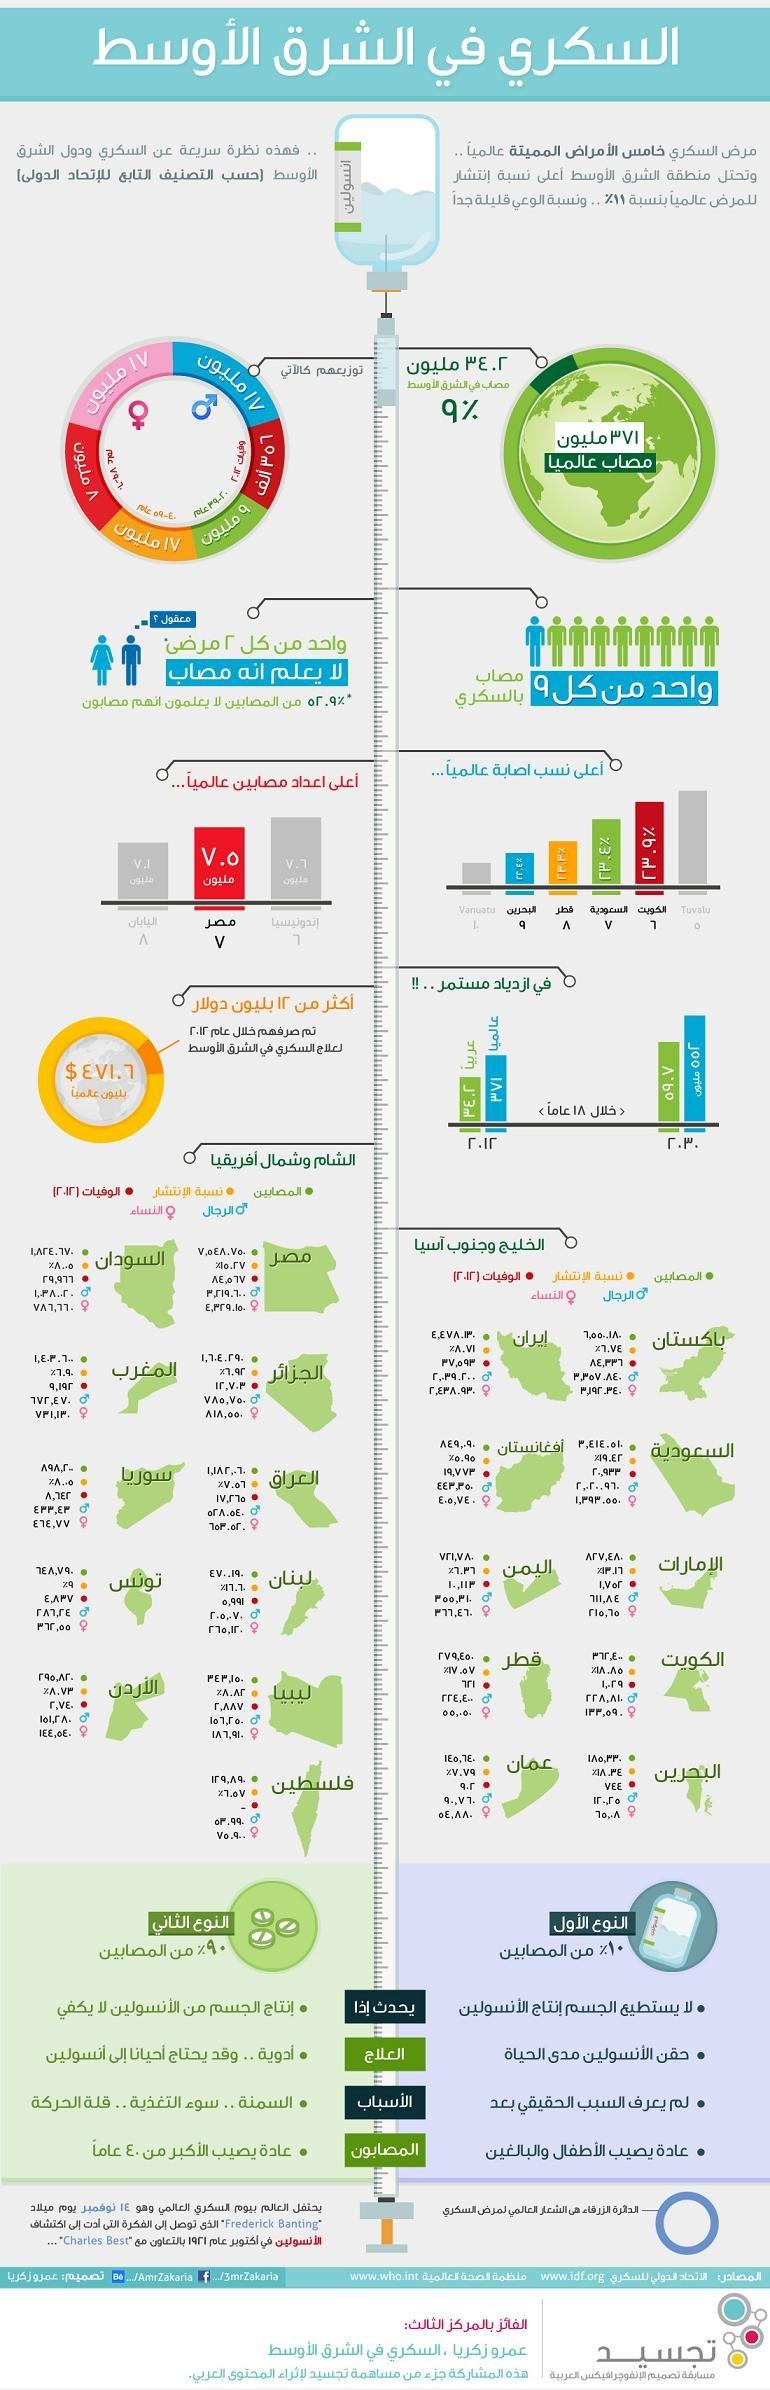 مرض السكري في الشرق الأوسط #انفوجرافيك #صحة